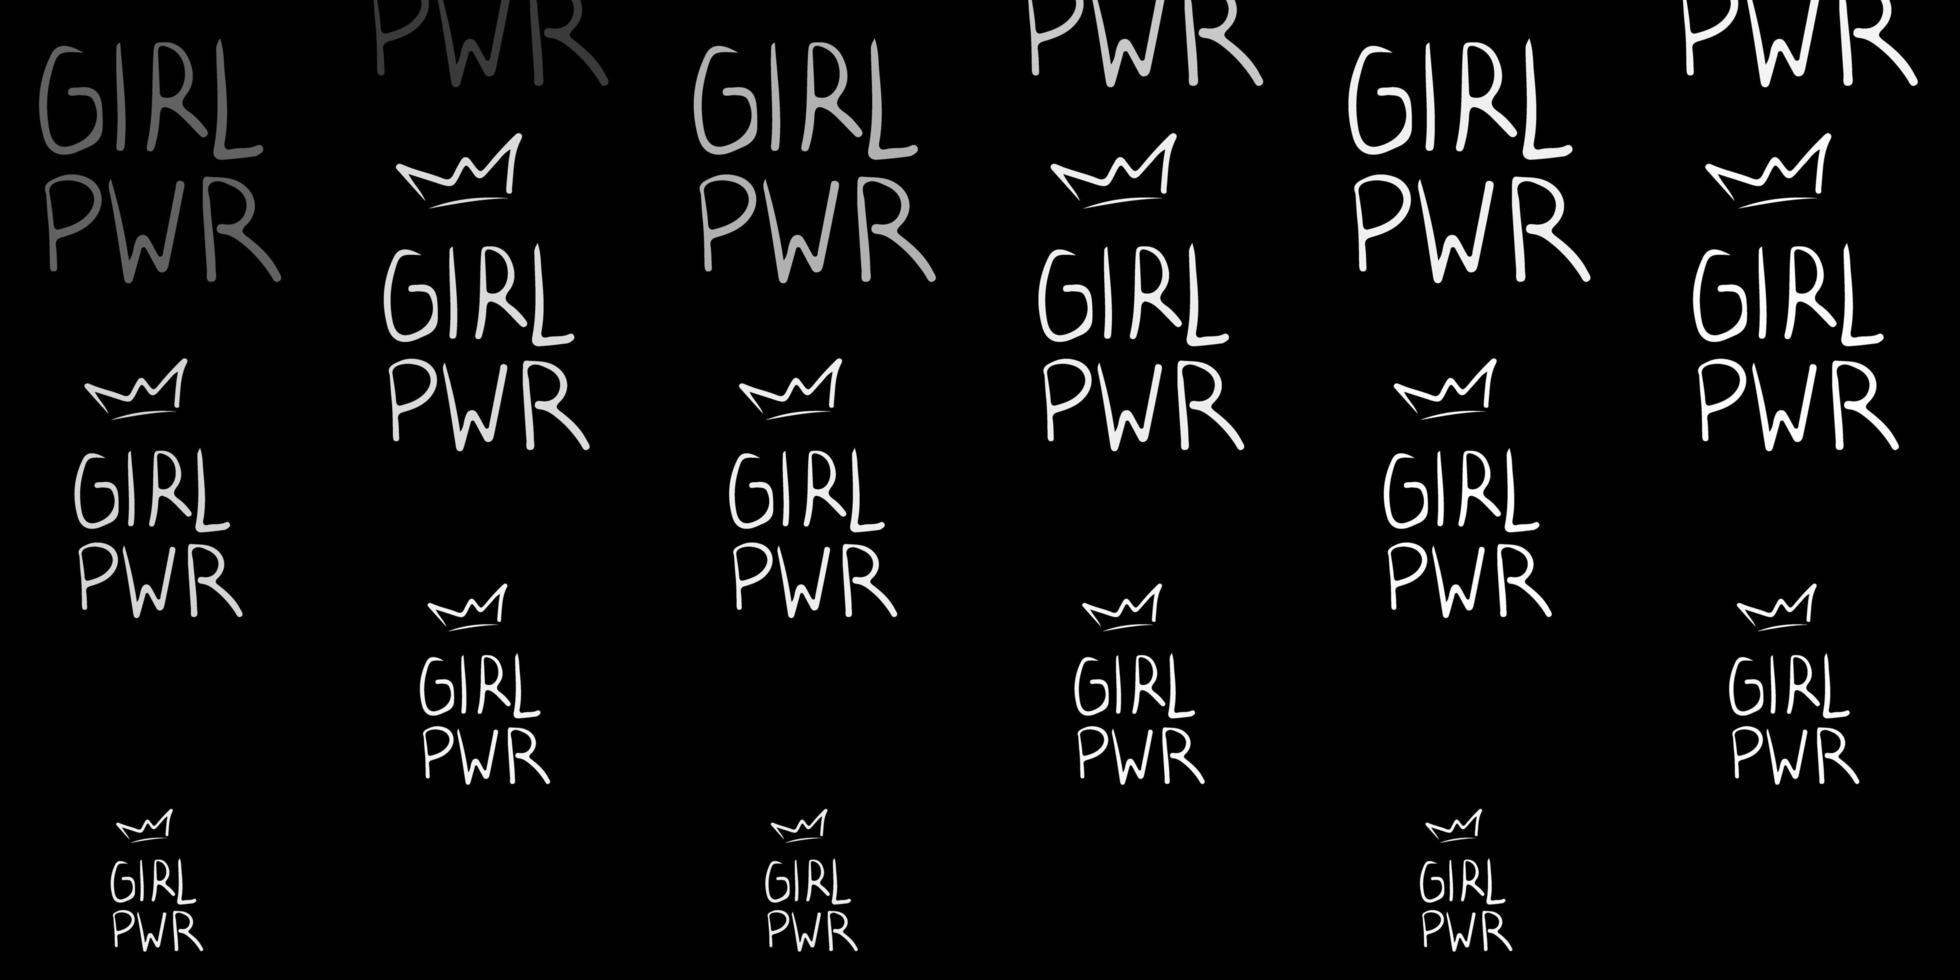 fond gris foncé avec des symboles de femmes. vecteur